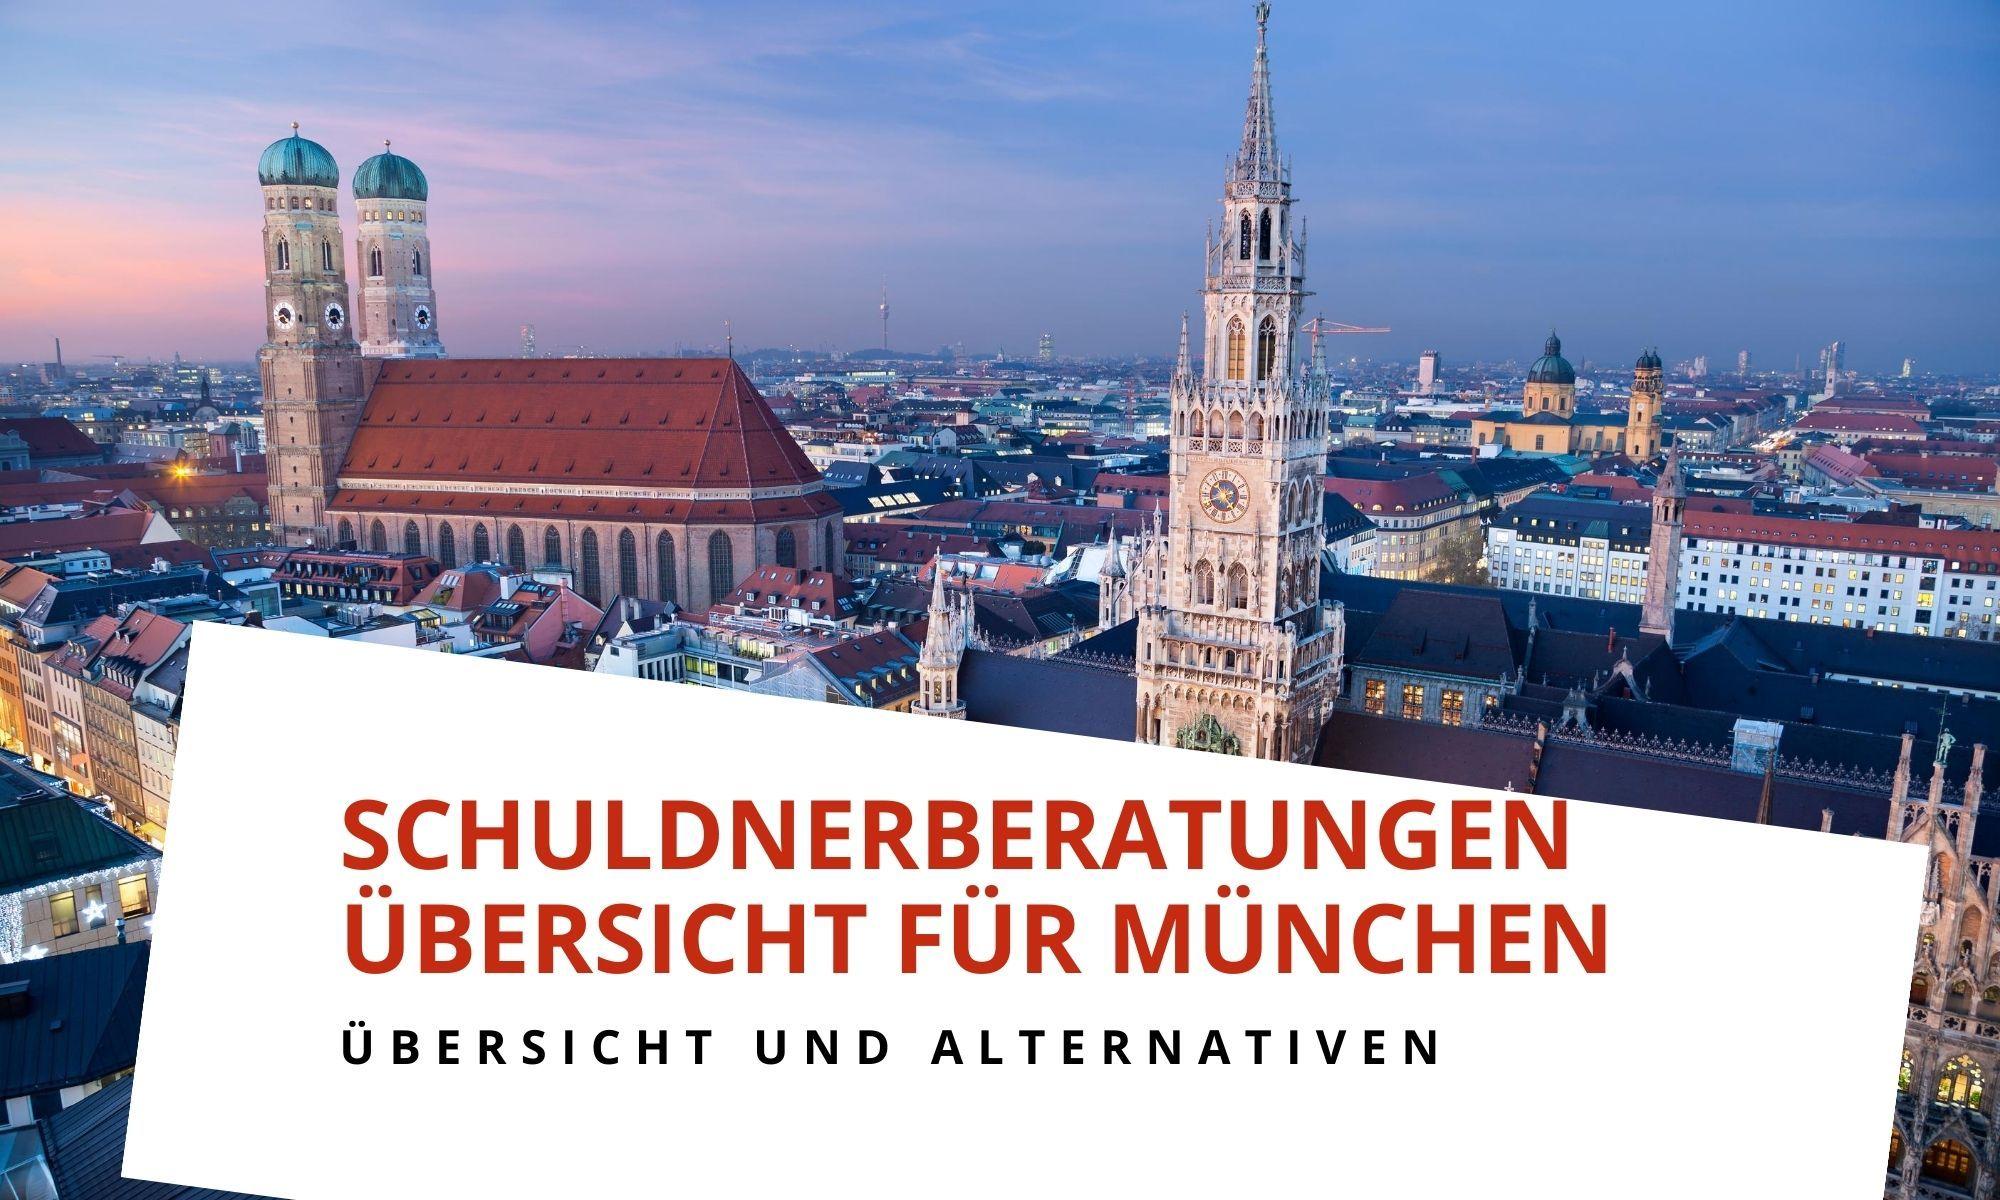 Schuldnerberatungsstellen in München